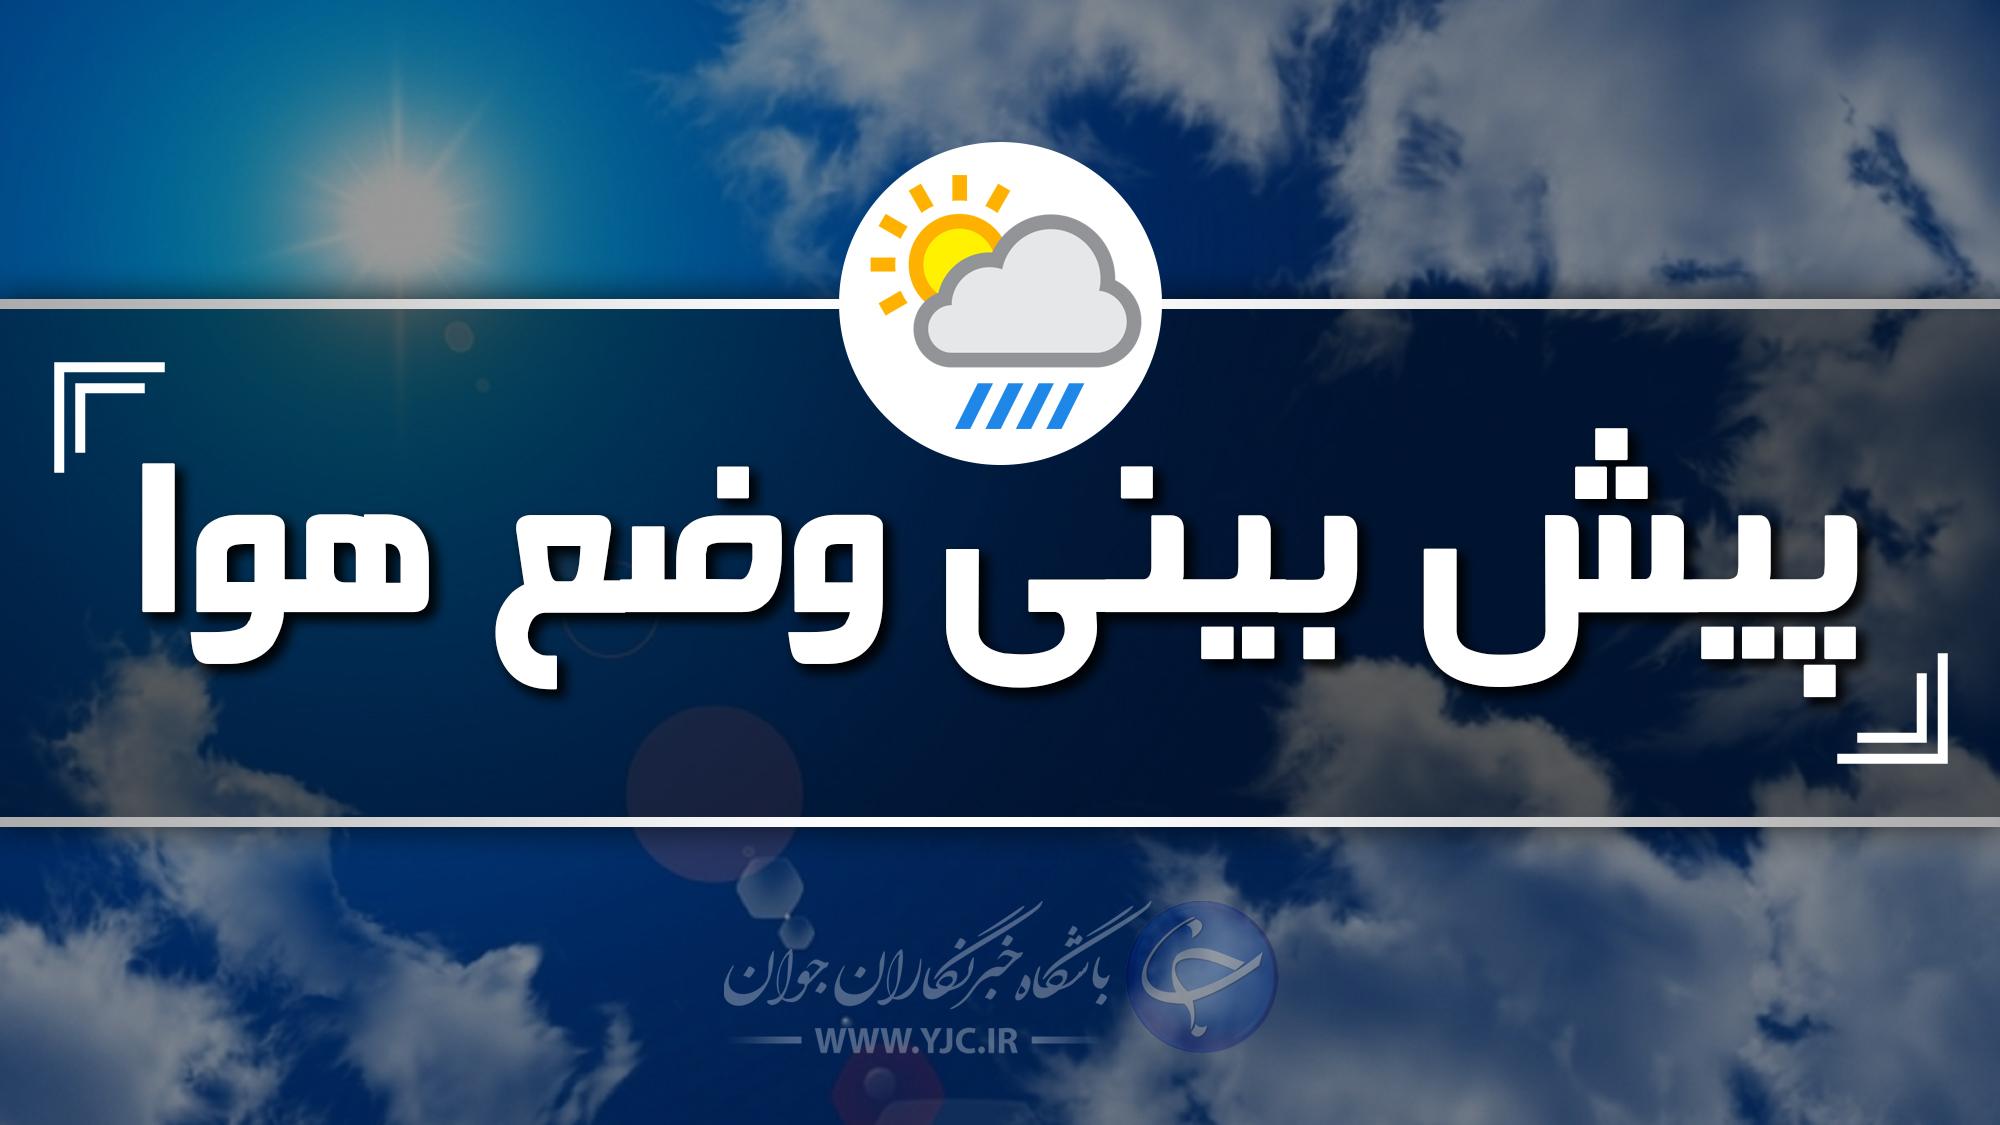 بارش باران در بانه رکورد زد/ زرینه سفیدپوش شد/تداوم بارشها در استان کردستان